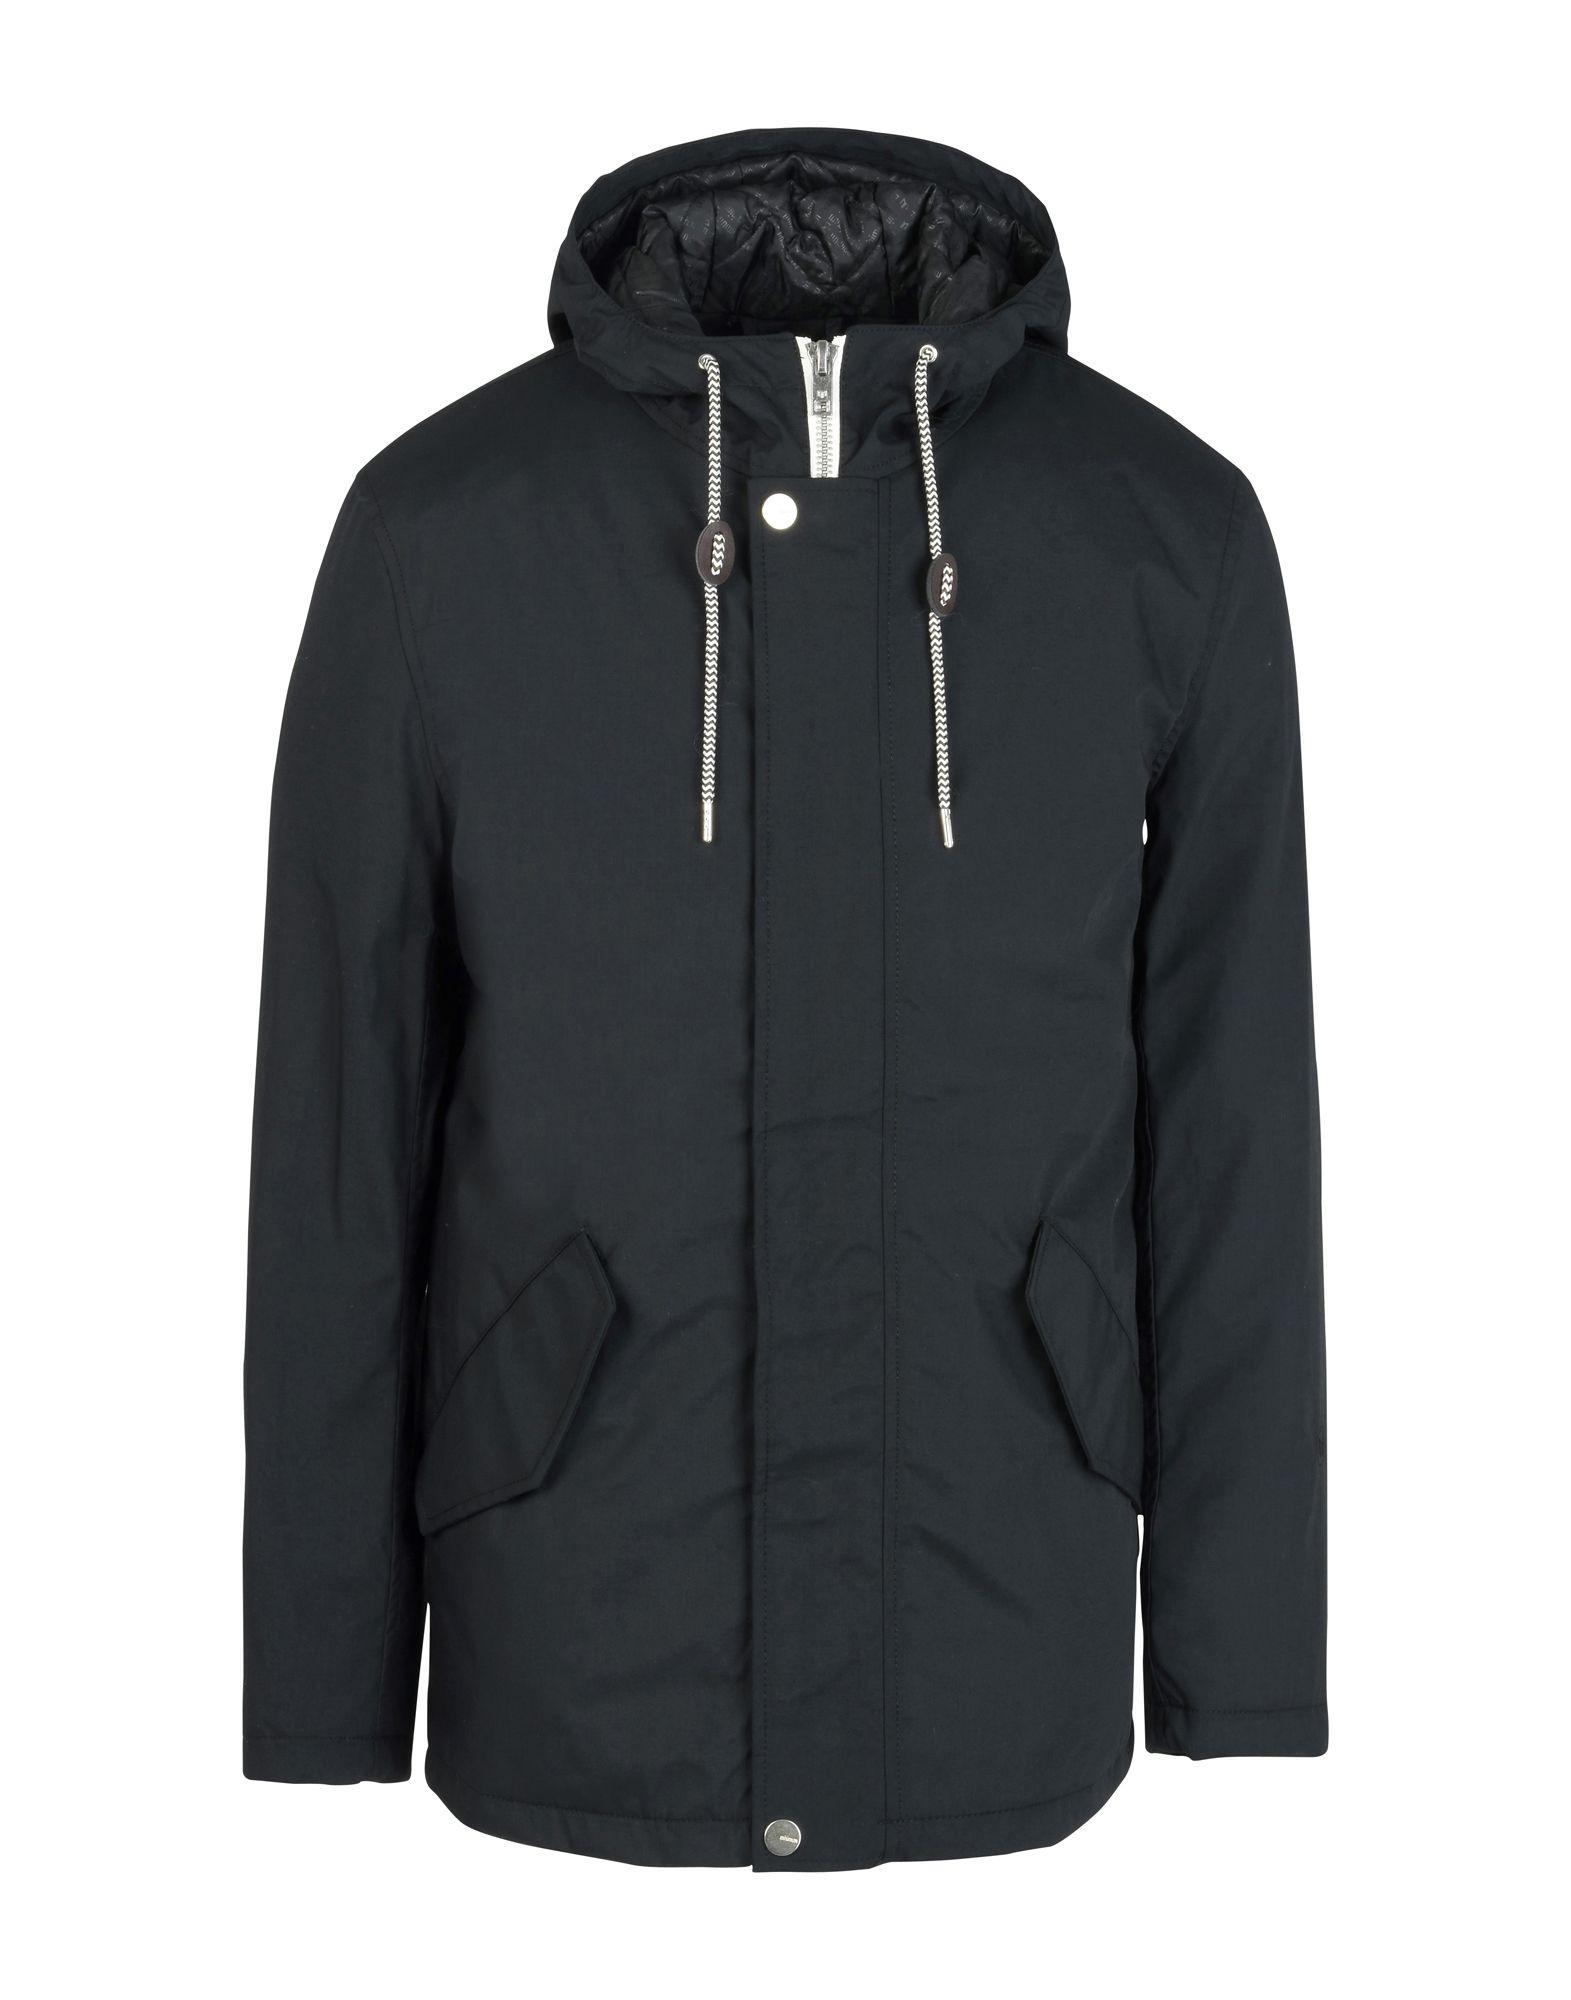 Giubbotto Minimum Carlow2 0352 Outerwear - Uomo - Acquista online su